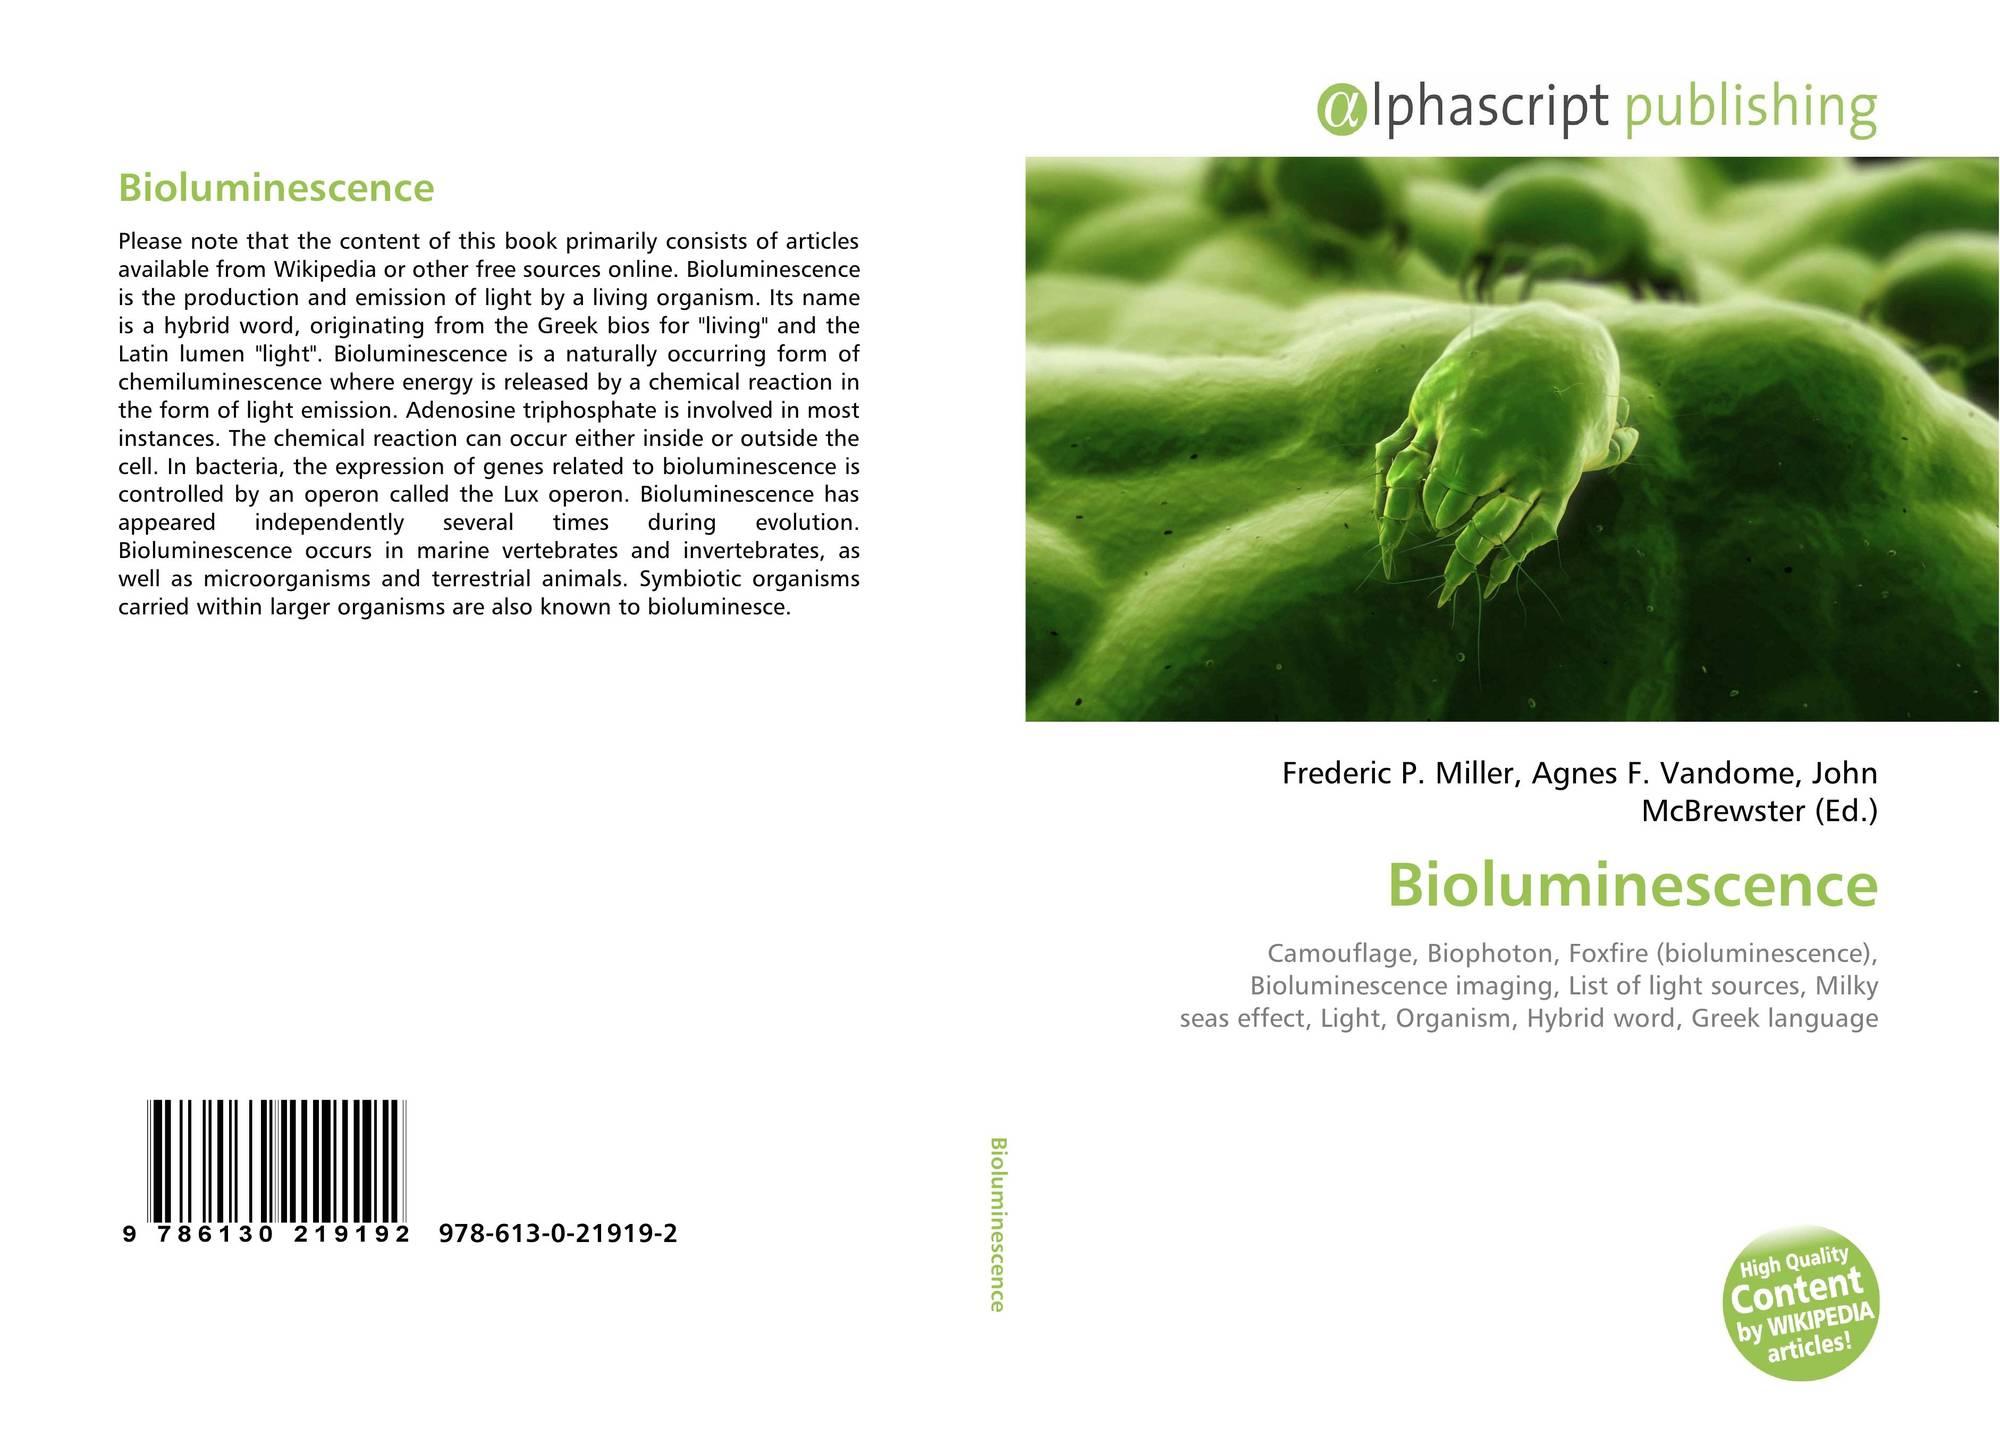 bioluminescence in fungi essay